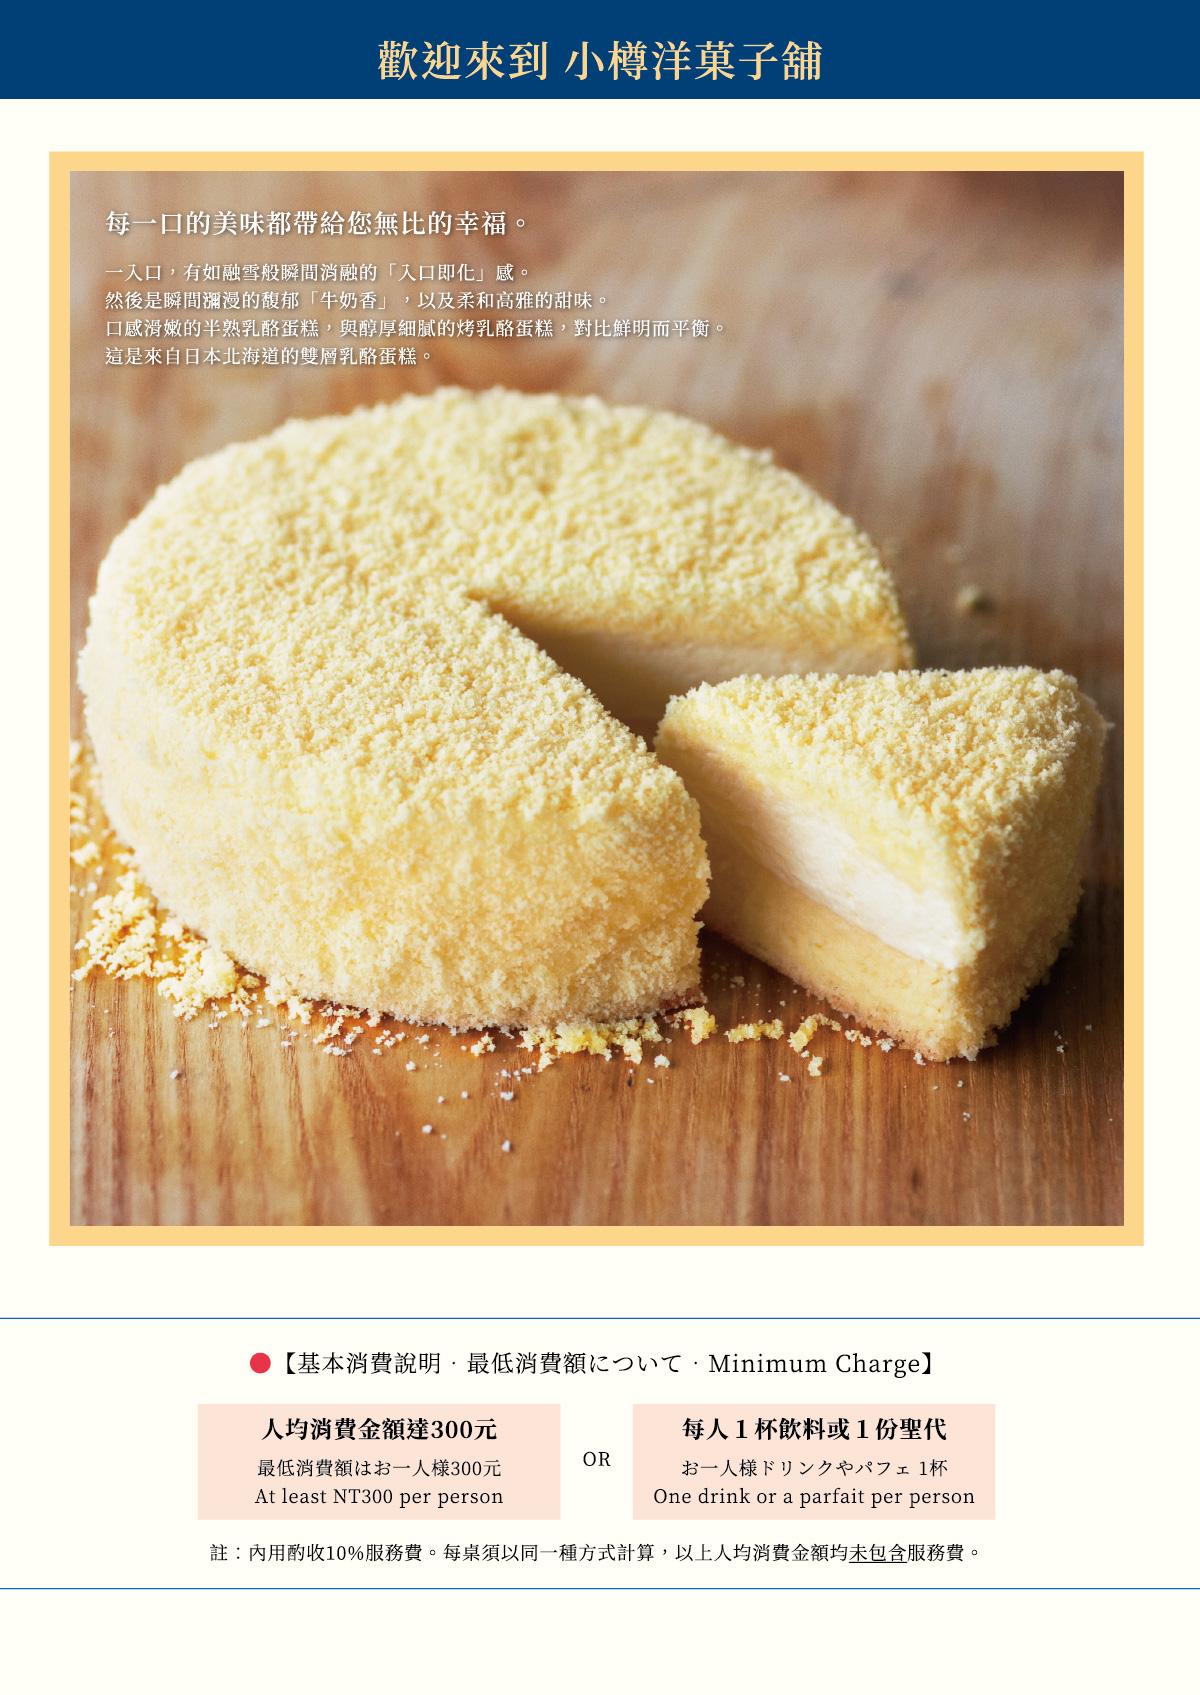 雙層乳酪蛋糕